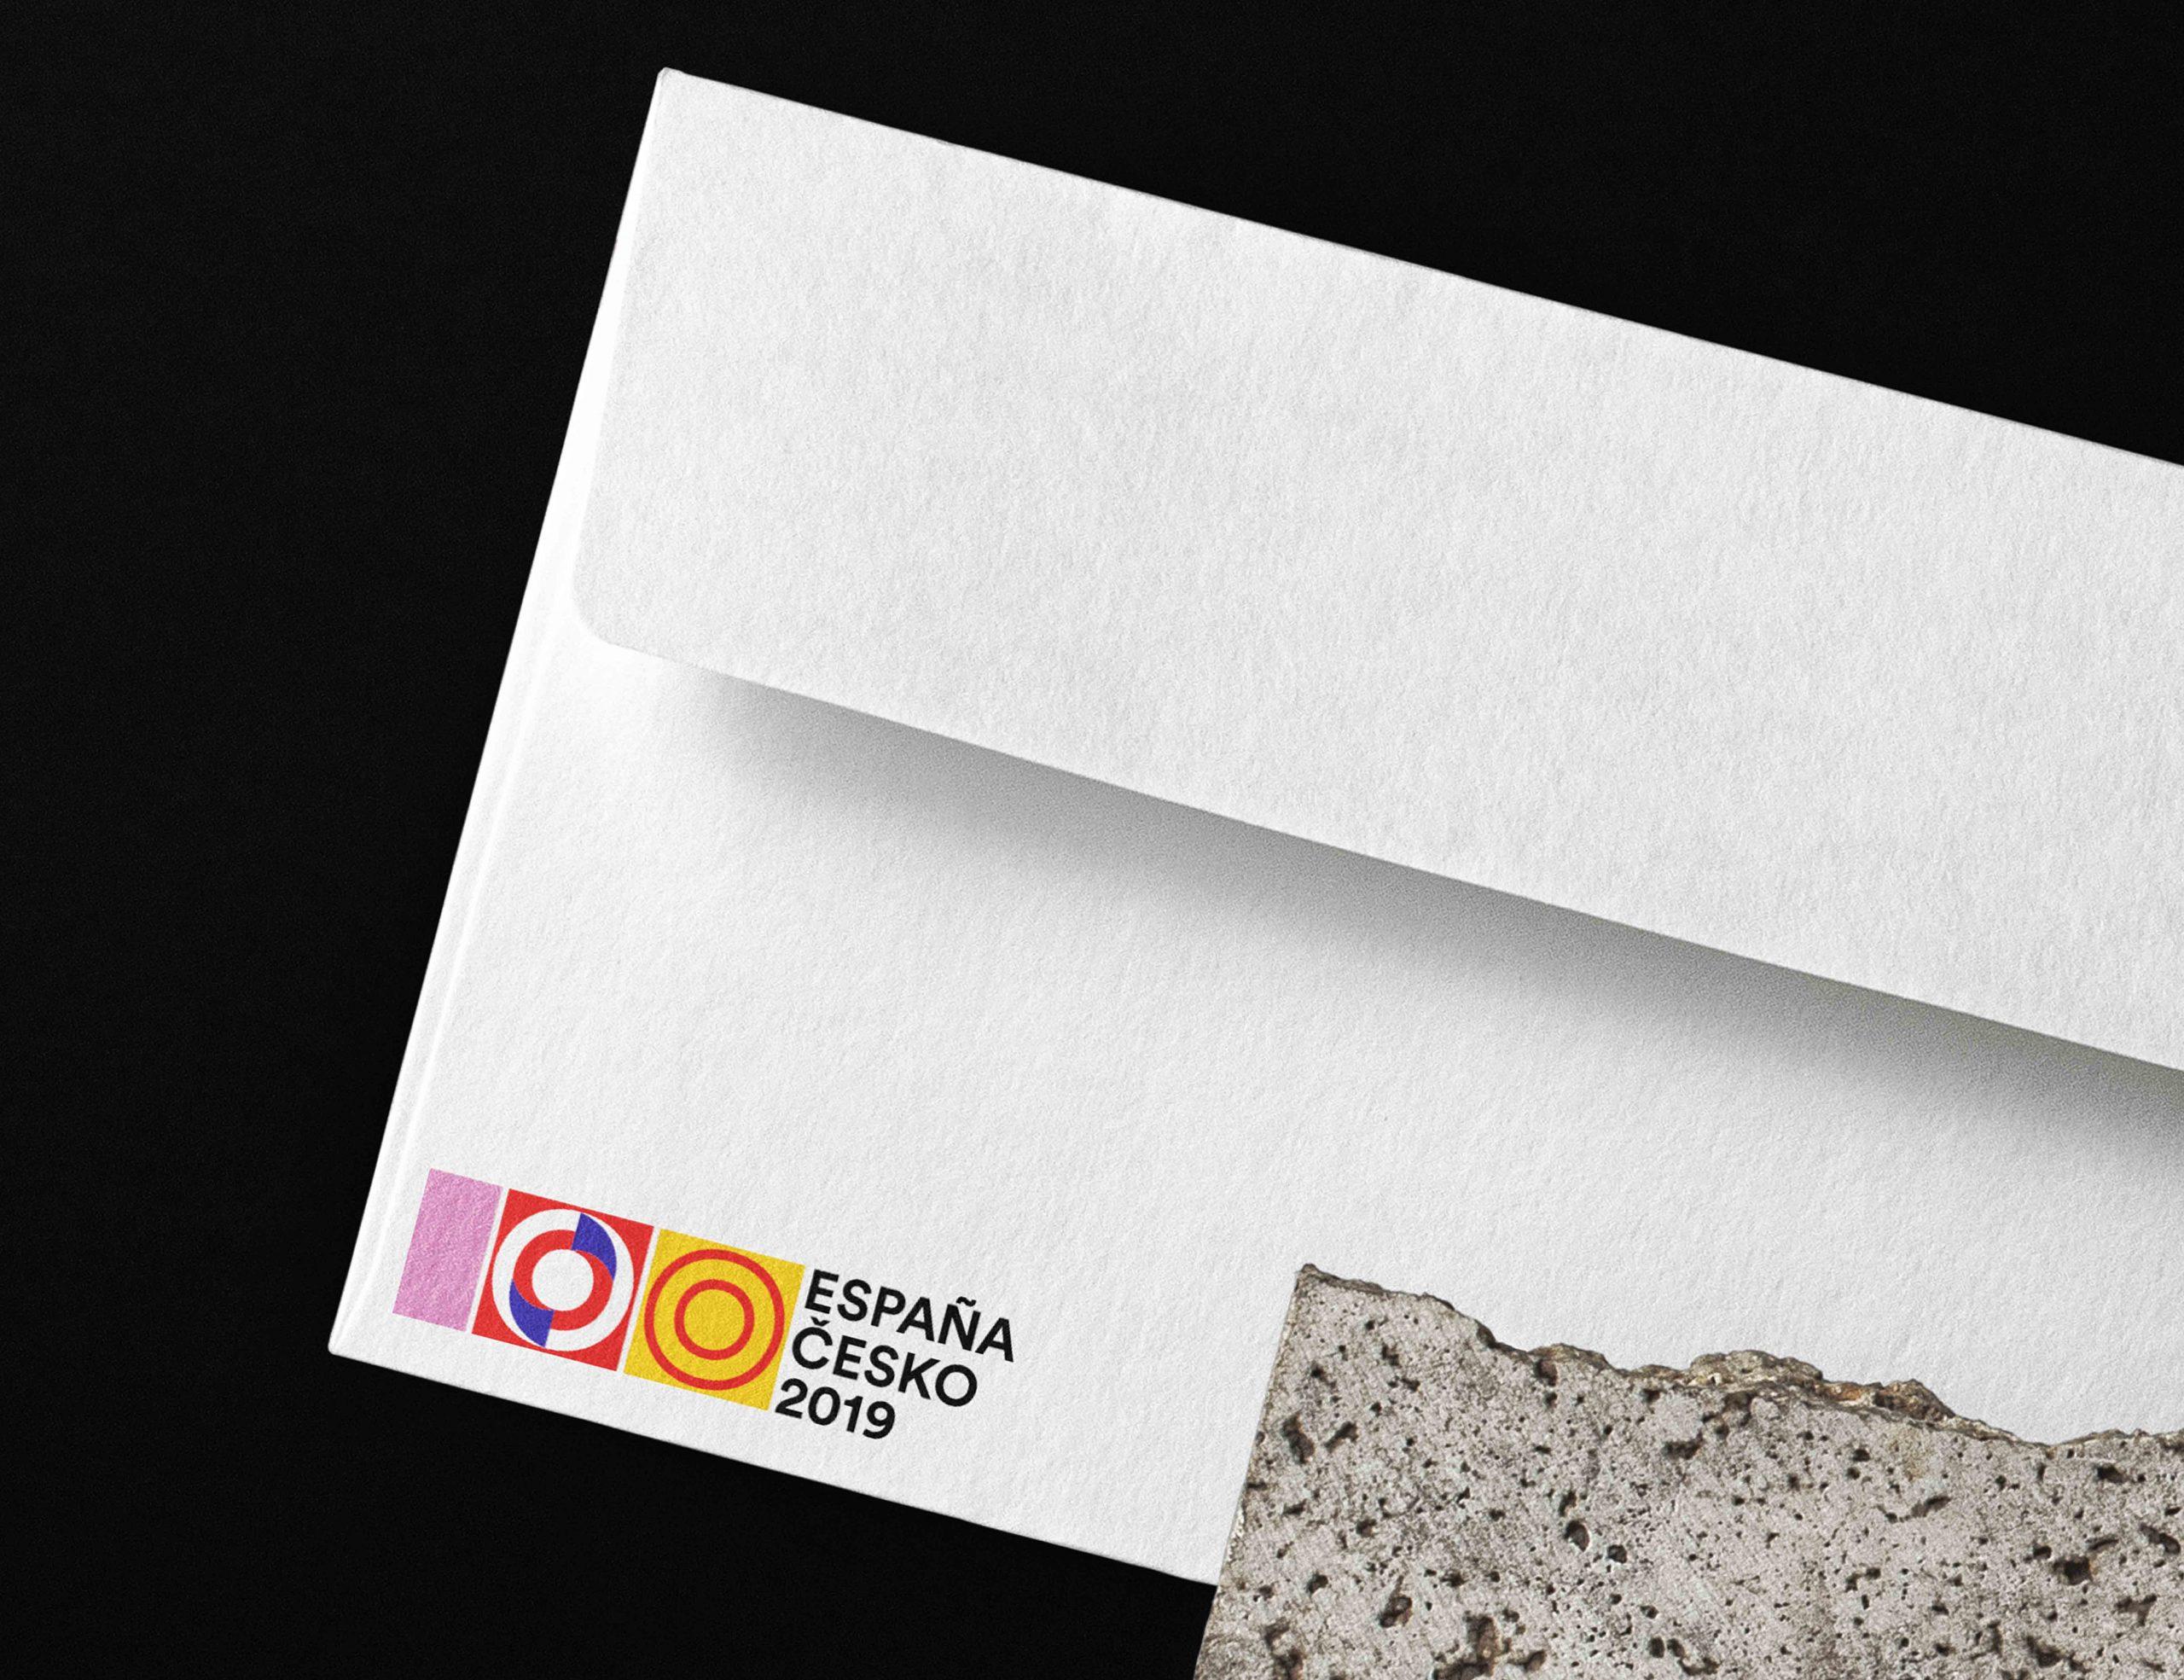 Velvyslanectví Španělska, 100 let výročí